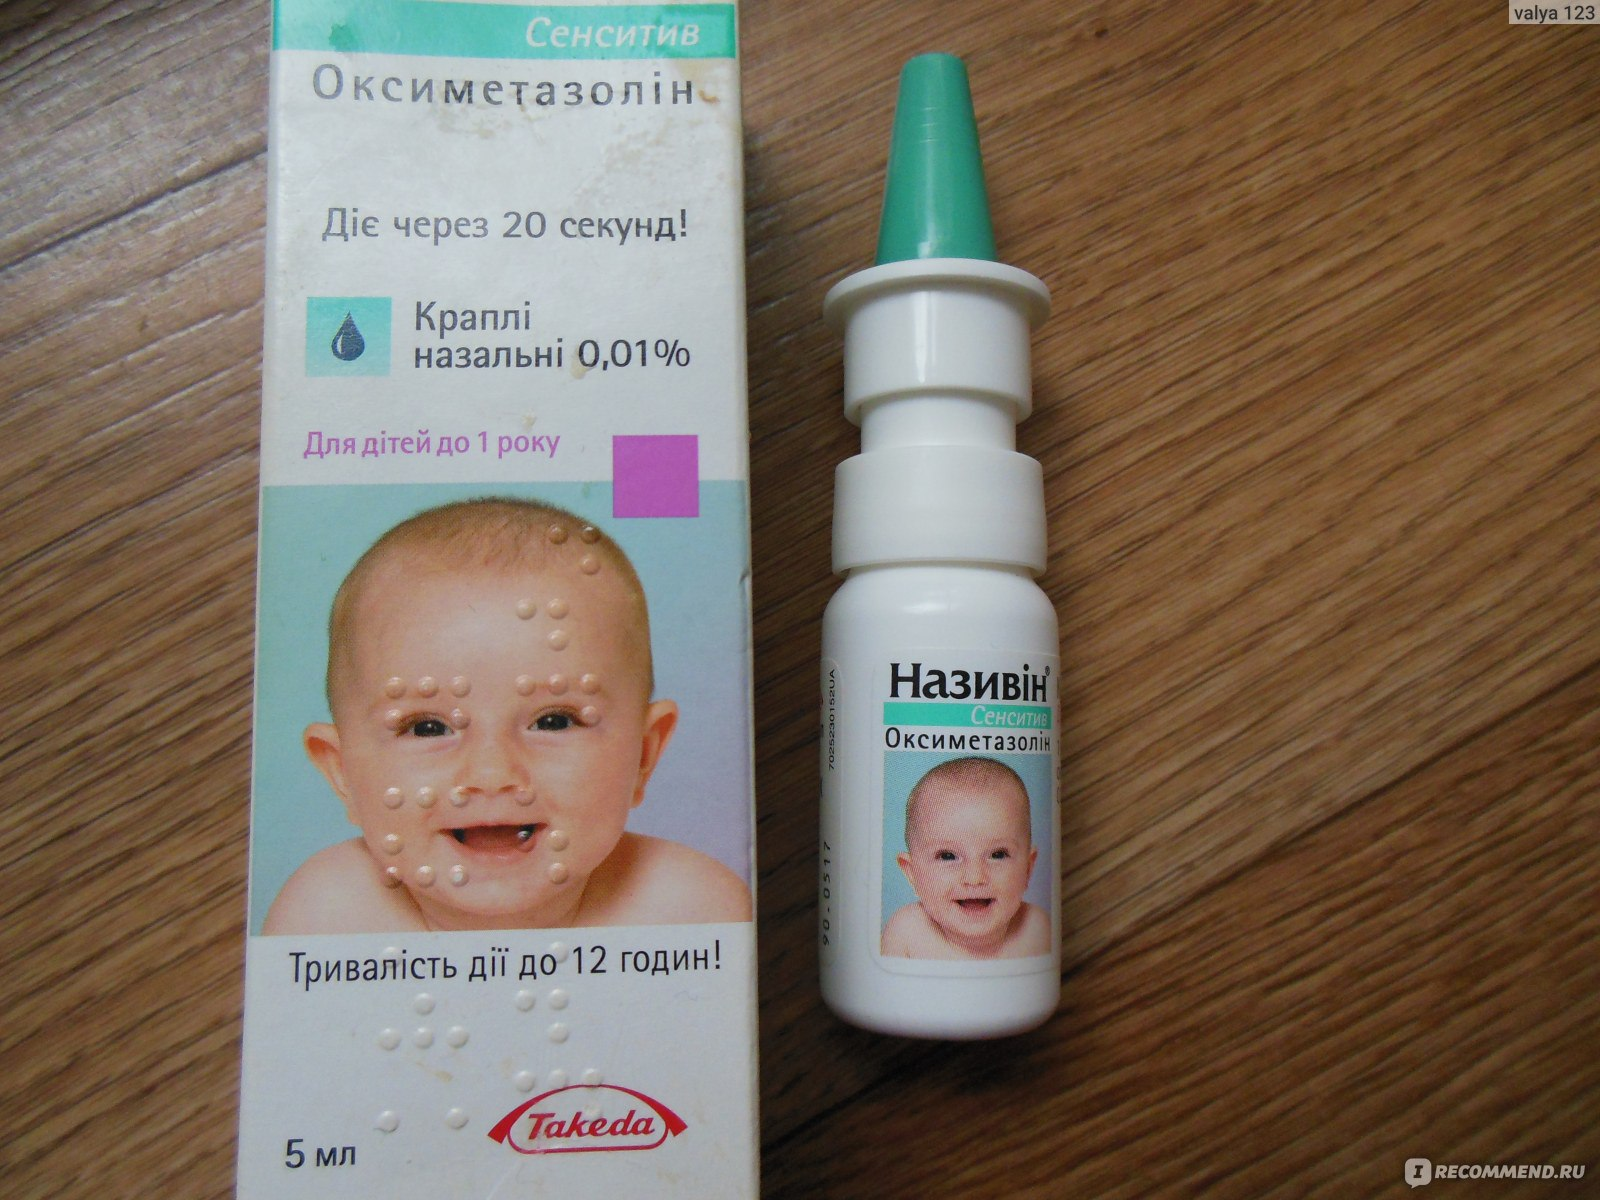 Детский називин — препарат, вызывающий жаркие споры педиатров. справедливы ли мнения о его опасности? — гаймориты.ру